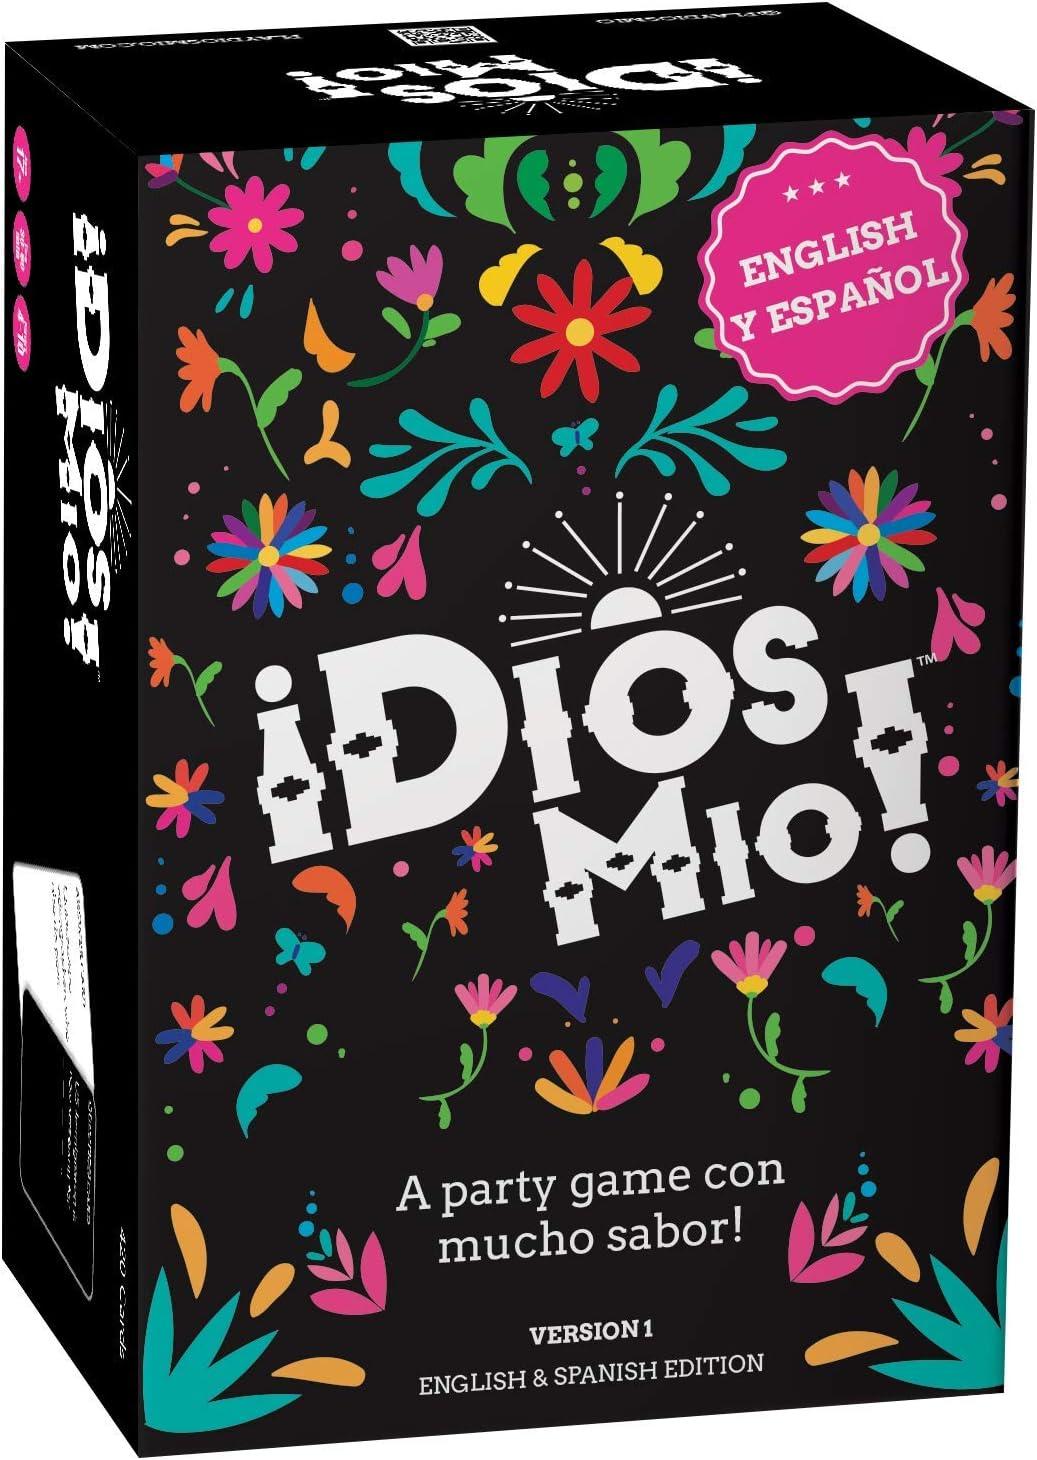 FITZ - ¡Dios Mio! Bilingual Fun Card Game - Juegos de mesa en español - A Comedy Party Tarjeta Game NSFW - 420 Muy Graciosa Cards - Spanish Board Game